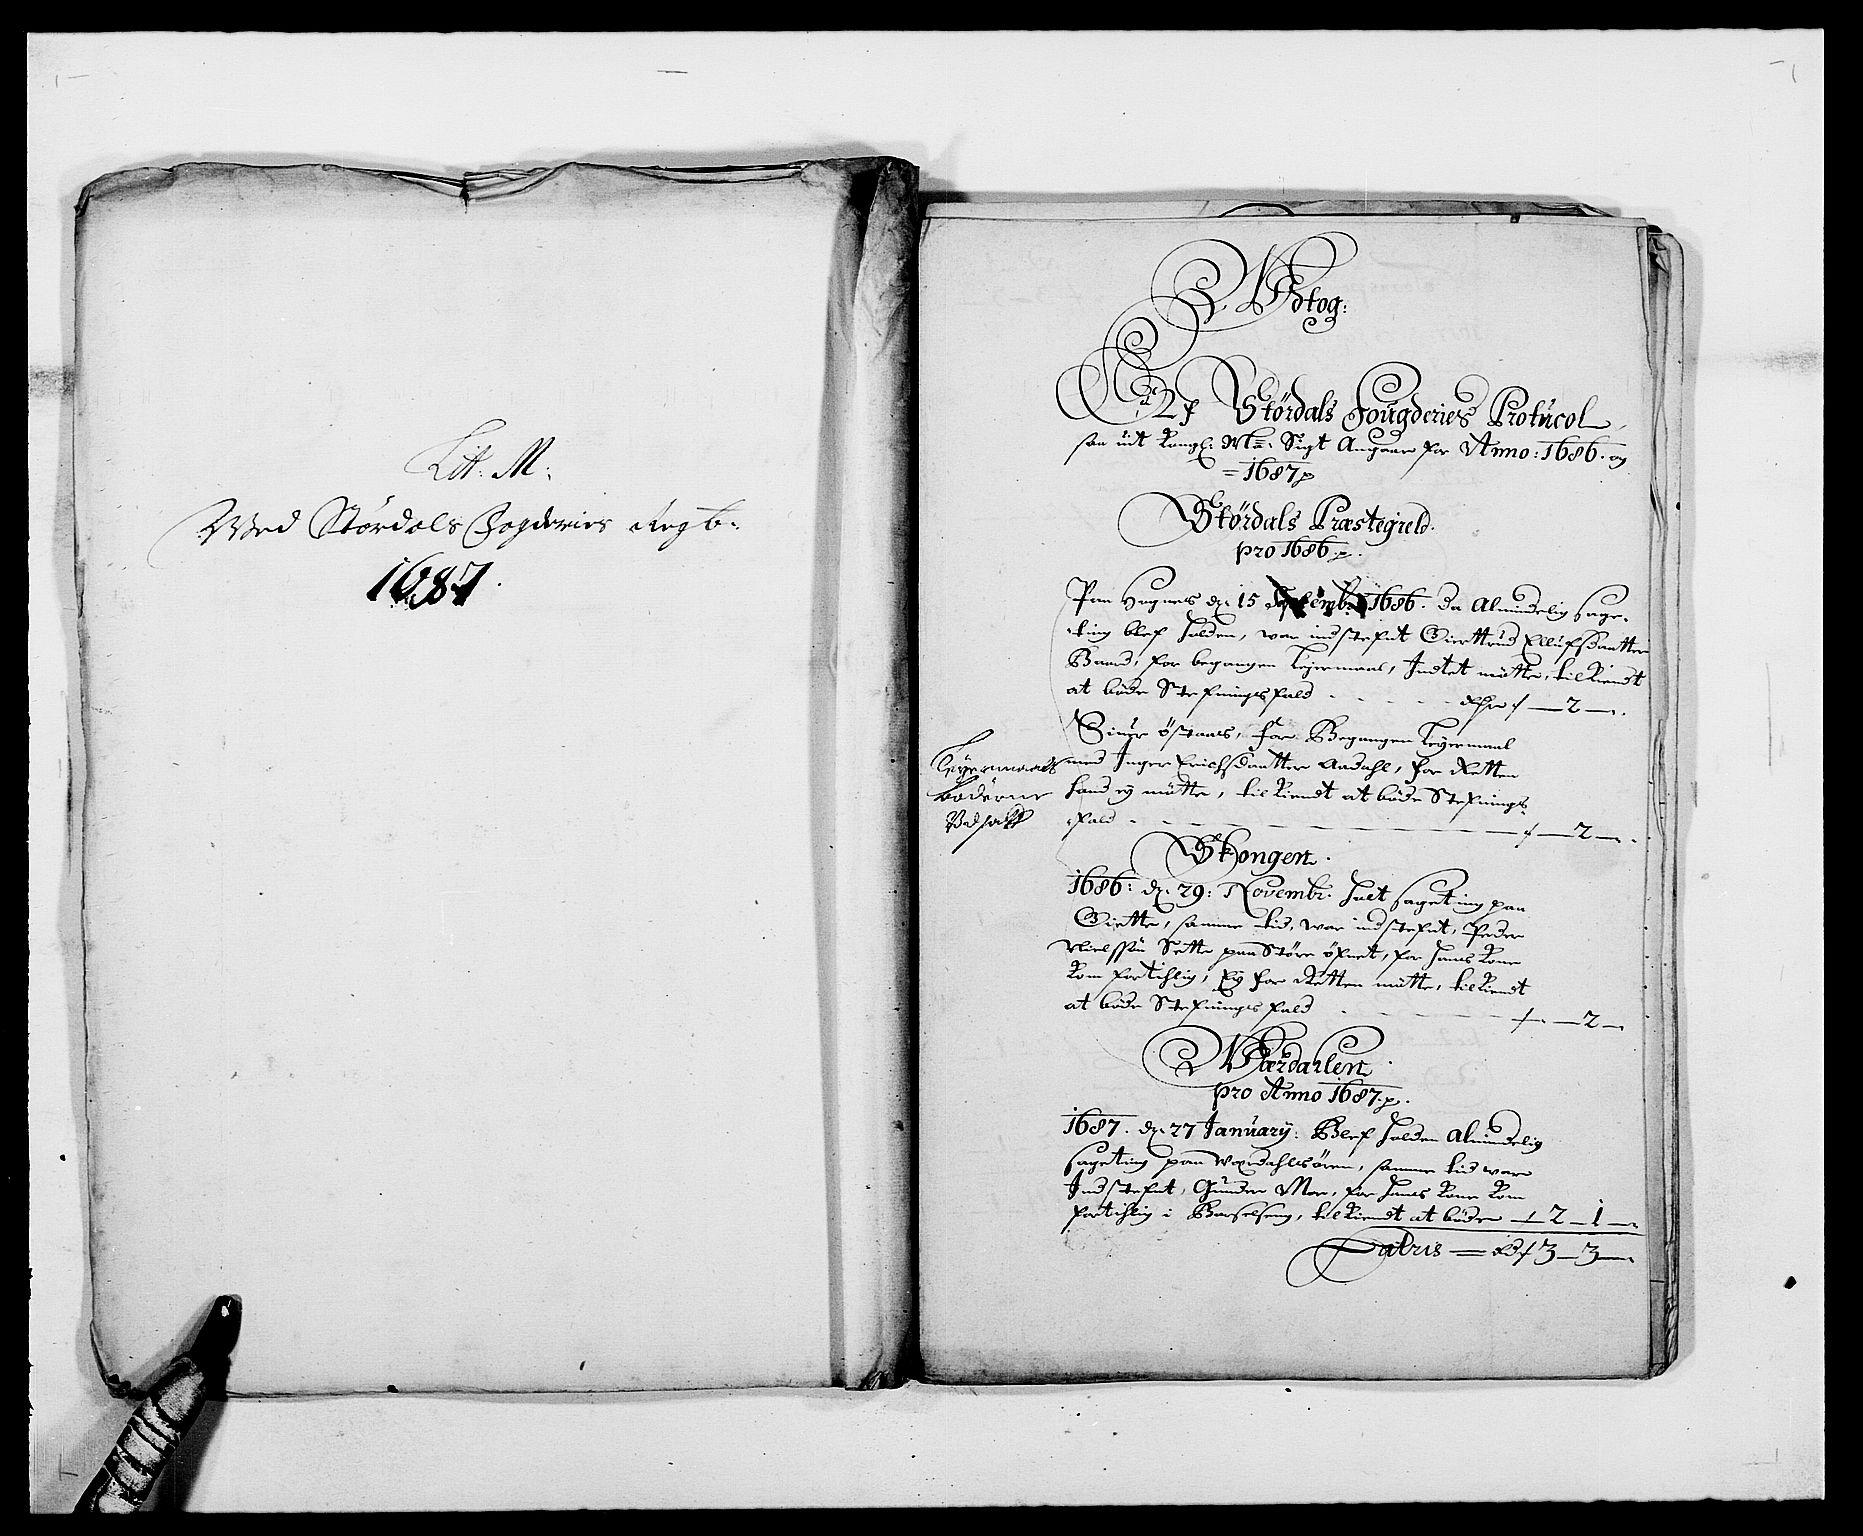 RA, Rentekammeret inntil 1814, Reviderte regnskaper, Fogderegnskap, R62/L4183: Fogderegnskap Stjørdal og Verdal, 1687-1689, s. 96